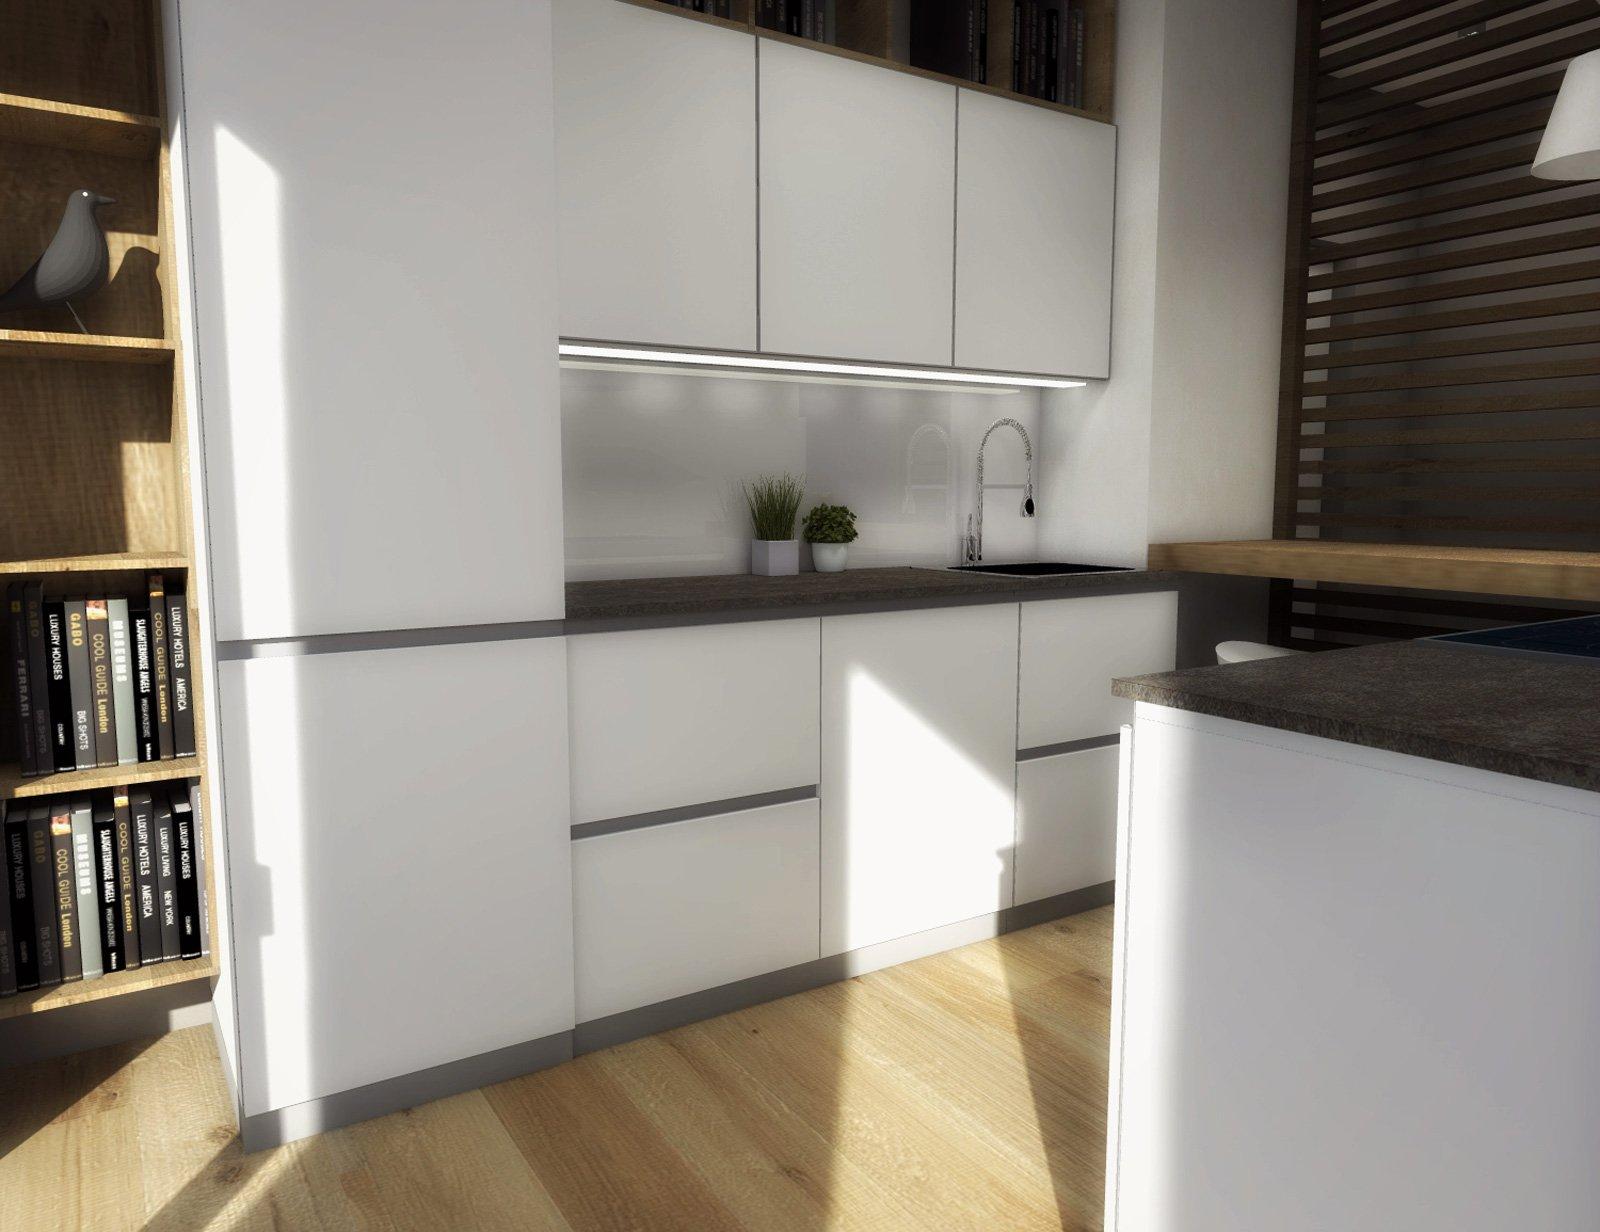 Arredamento cucina piccola un progetto per meno di 6 mq for Arredare cucina 4 mq